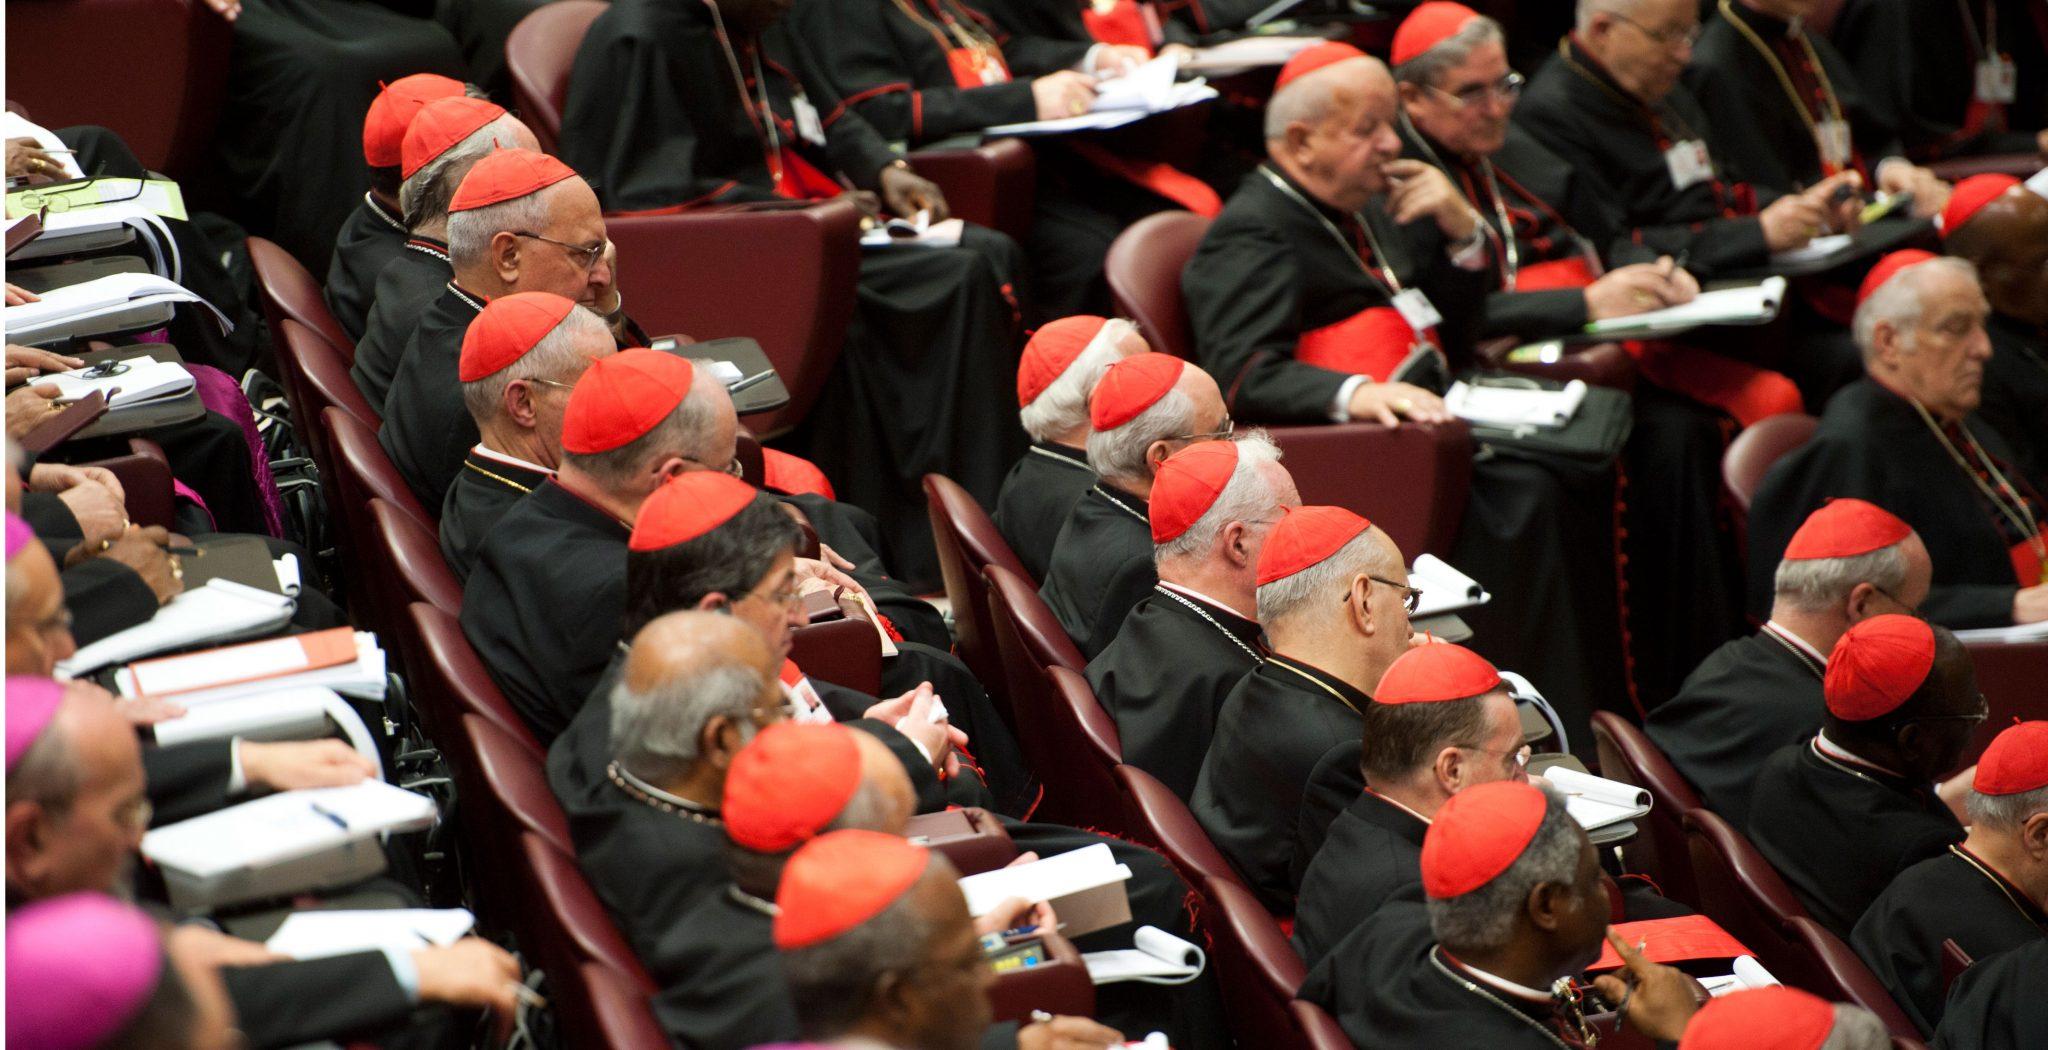 Los obispos en el aula sinodal